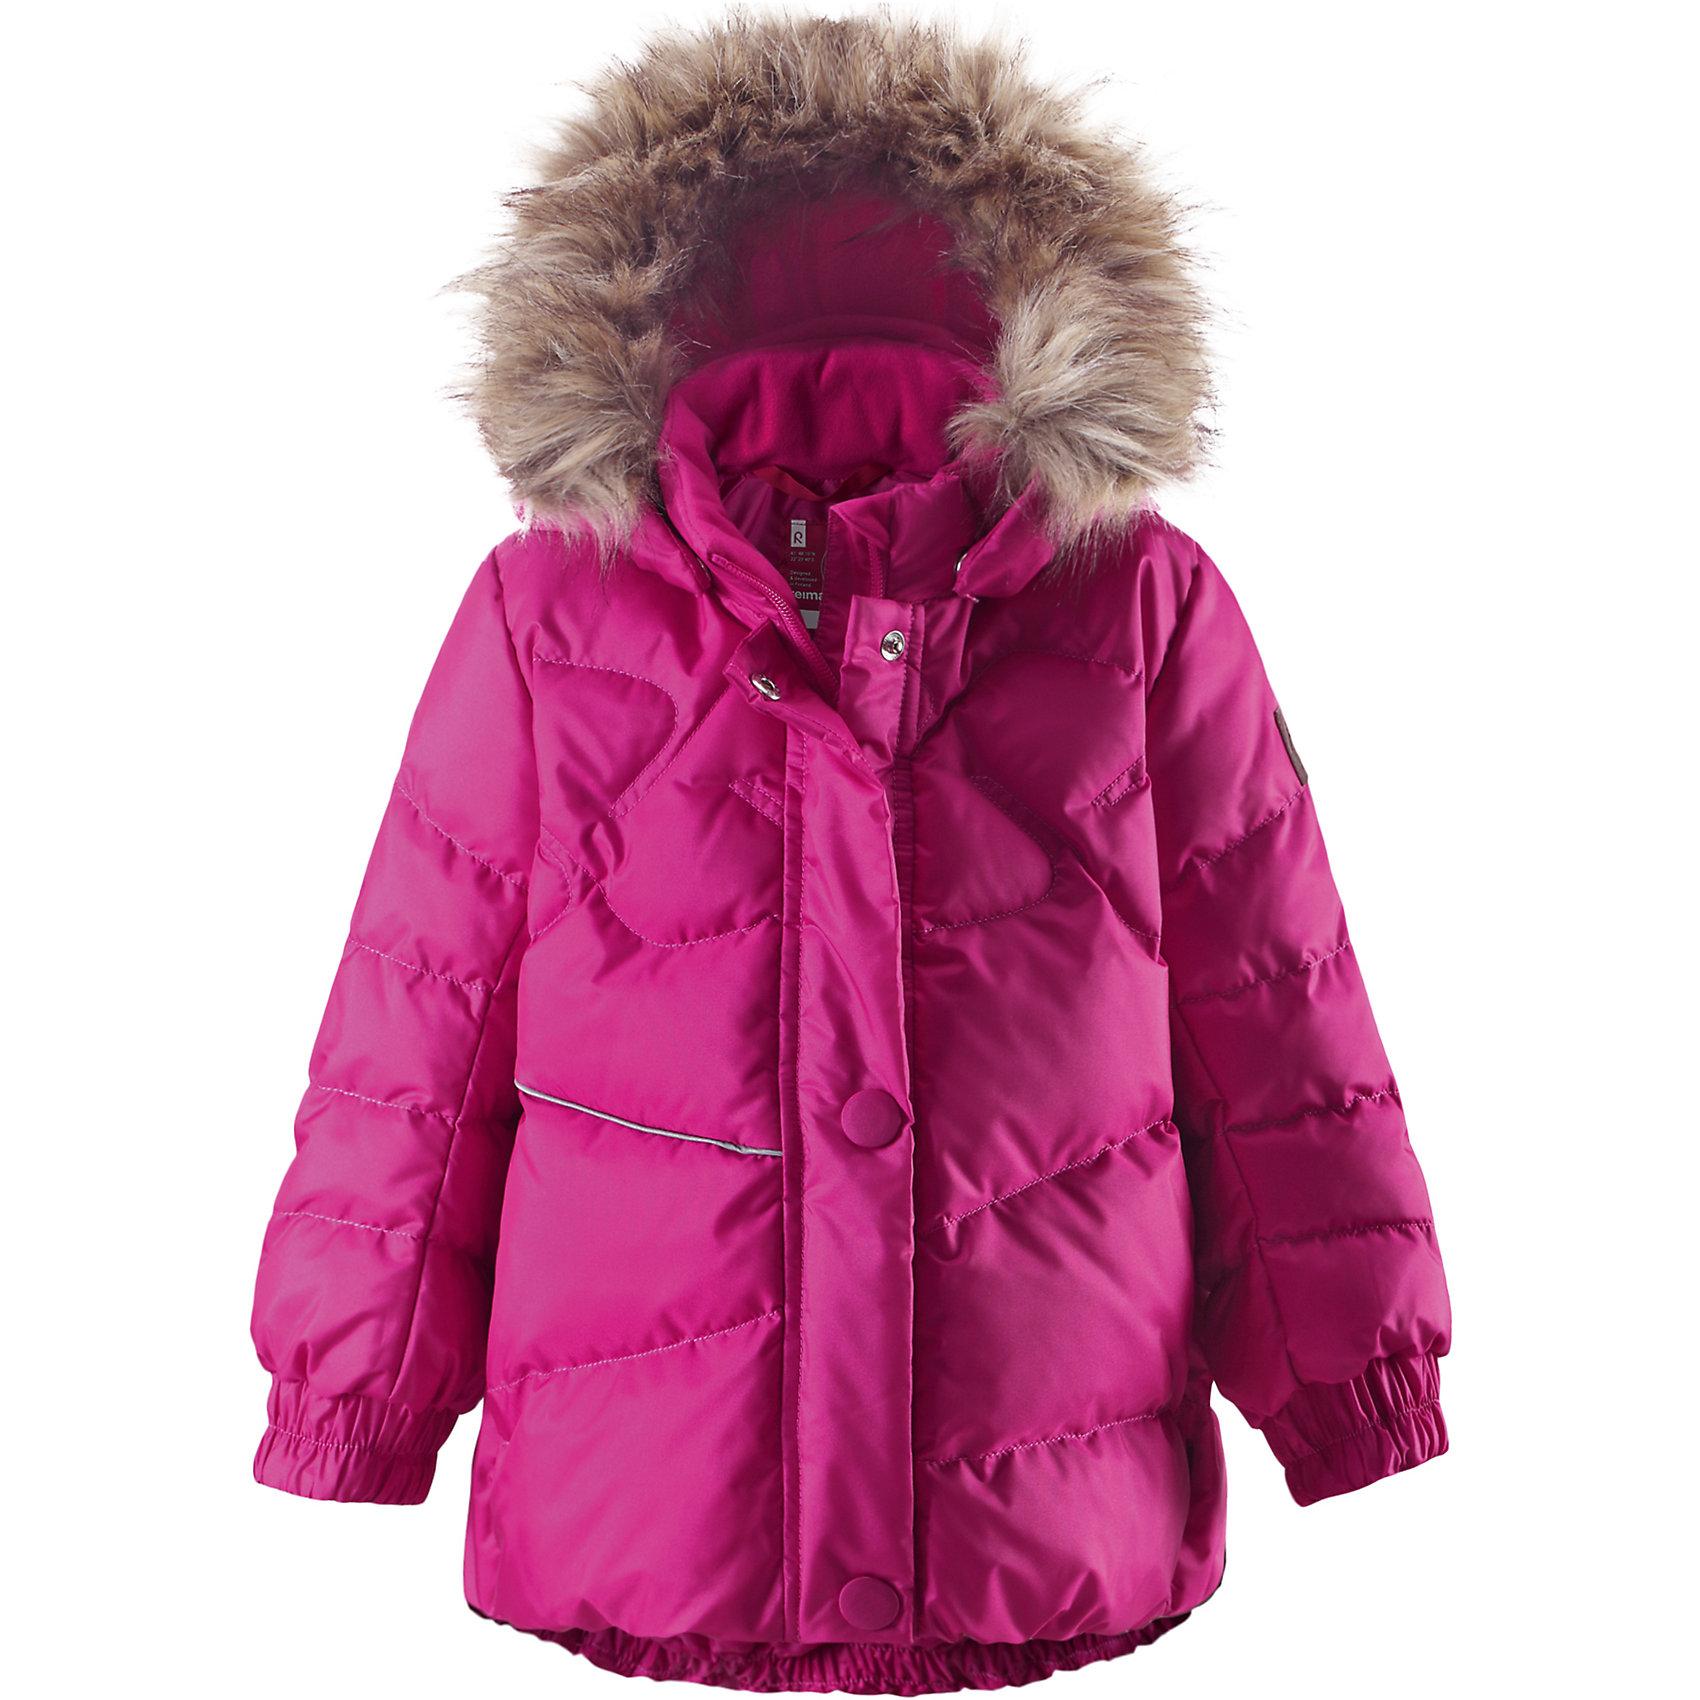 Куртка Kiirus для девочки ReimaКуртка для девочки Reima<br>Пуховая куртка для малышей. Водоотталкивающий, ветронепроницаемый, «дышащий» и грязеотталкивающий материал. Крой для девочек. Гладкая подкладка из полиэстра. В качестве утеплителя использованы пух и перо (60%/40%). Безопасный съемный капюшон с отсоединяемой меховой каймой из искусственного меха. Эластичные манжеты. Присобранный подол. Регулируемый подол. Два кармана на молнии. Безопасные светоотражающие детали. Петля для дополнительных светоотражающих деталей.<br>Уход:<br>Стирать по отдельности, вывернув наизнанку. Перед стиркой отстегните искусственный мех. Застегнуть молнии и липучки. Стирать моющим средством, не содержащим отбеливающие вещества. Полоскать без специального средства. Во избежание изменения цвета изделие необходимо вынуть из стиральной машинки незамедлительно после окончания программы стирки. Барабанное сушение при низкой температуре с 3 теннисными мячиками. Выверните изделие наизнанку в середине сушки.<br>Состав:<br>65% Полиамид, 35% Полиэстер, полиуретановое покрытие<br><br>Ширина мм: 356<br>Глубина мм: 10<br>Высота мм: 245<br>Вес г: 519<br>Цвет: розовый<br>Возраст от месяцев: 18<br>Возраст до месяцев: 24<br>Пол: Женский<br>Возраст: Детский<br>Размер: 80,86,98,92<br>SKU: 4776094